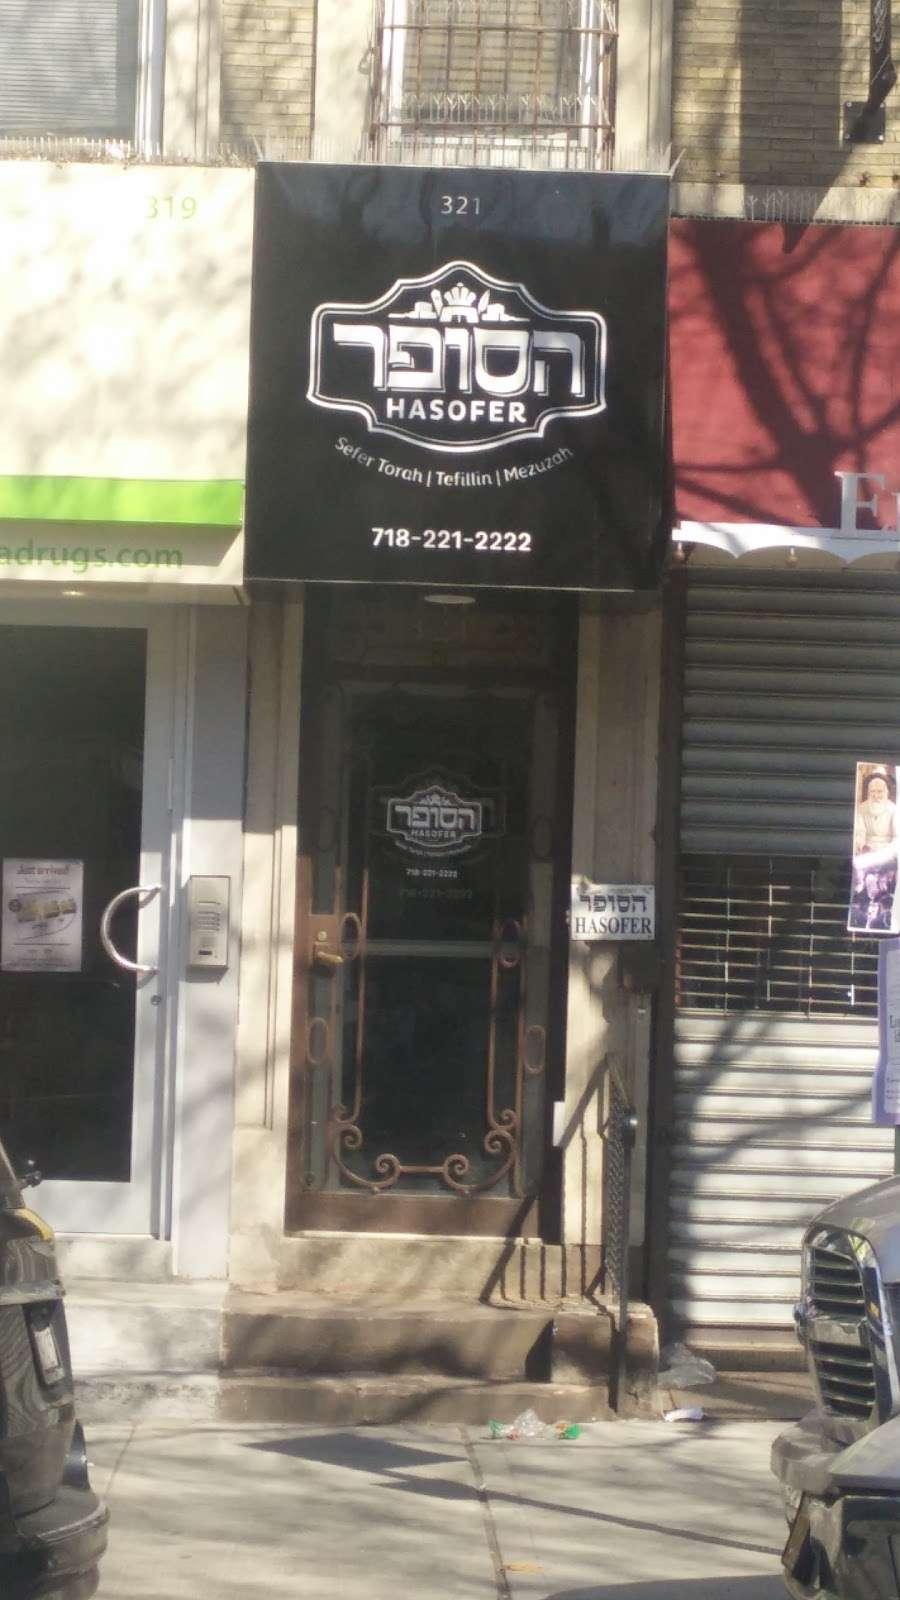 Hasofer, Inc. - store    Photo 2 of 3   Address: 321 Kingston Ave, Brooklyn, NY 11213, USA   Phone: (718) 221-2222